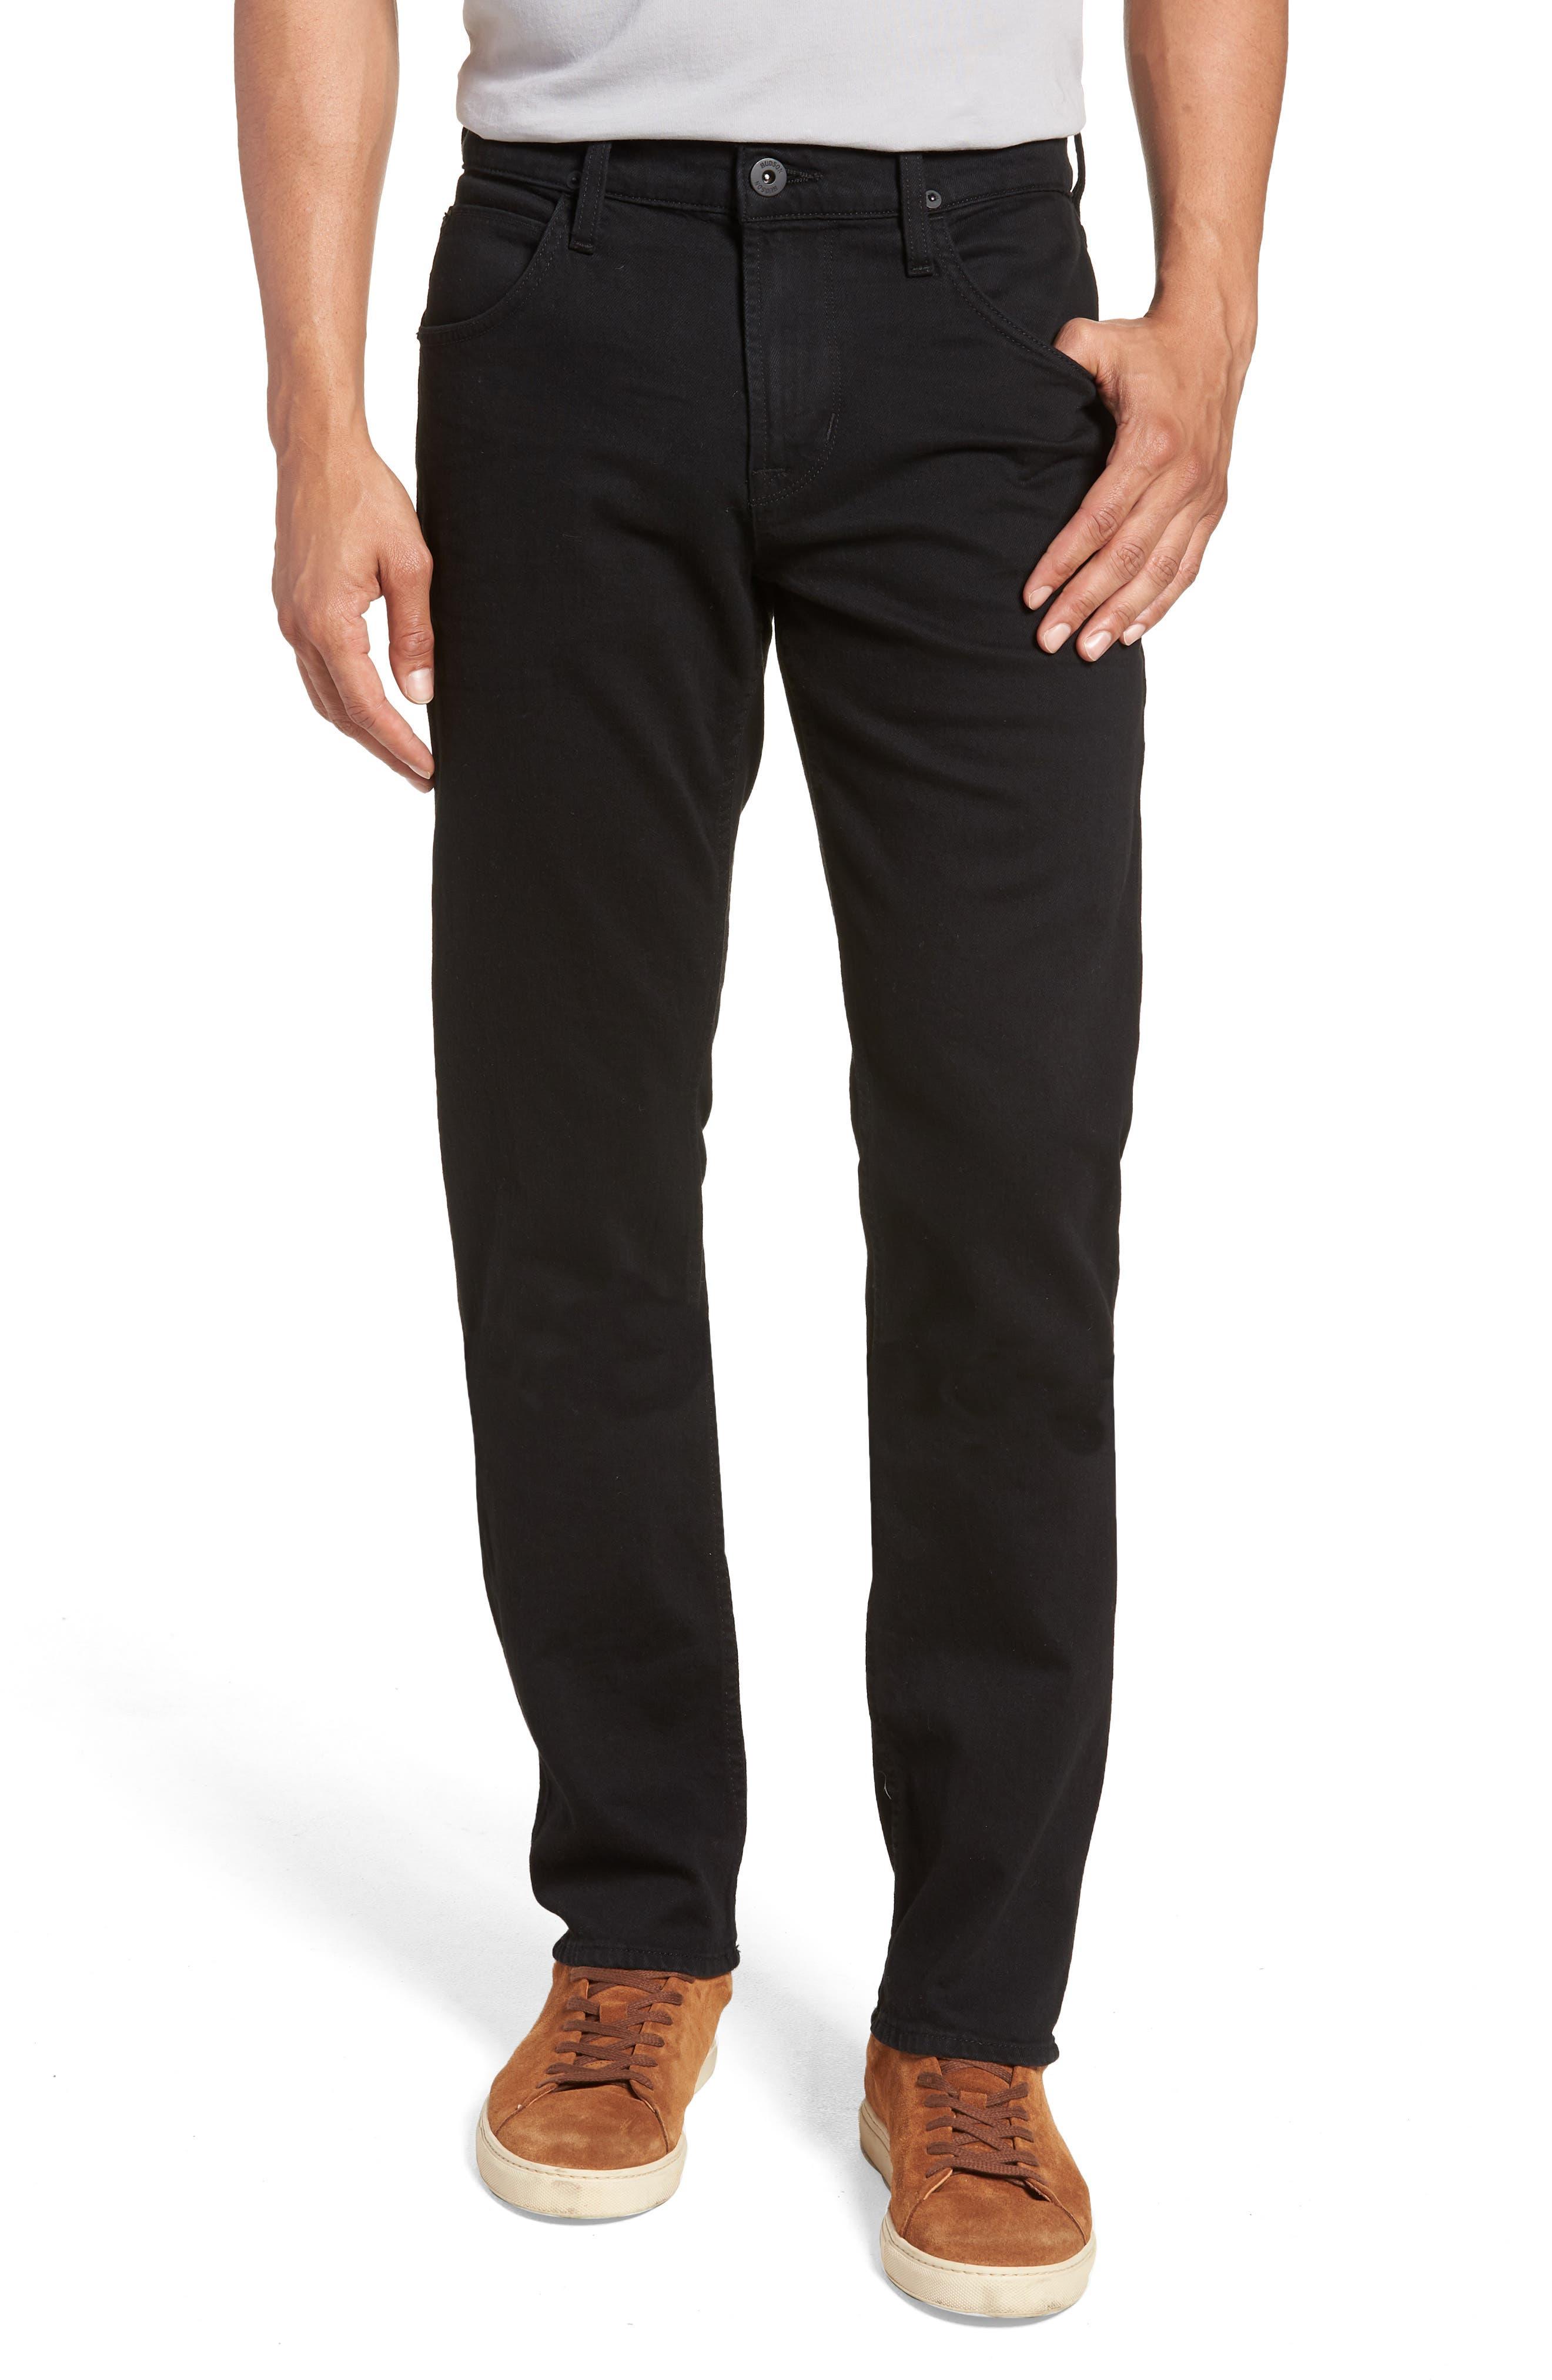 Blake Slim Fit Jeans,                         Main,                         color, 002